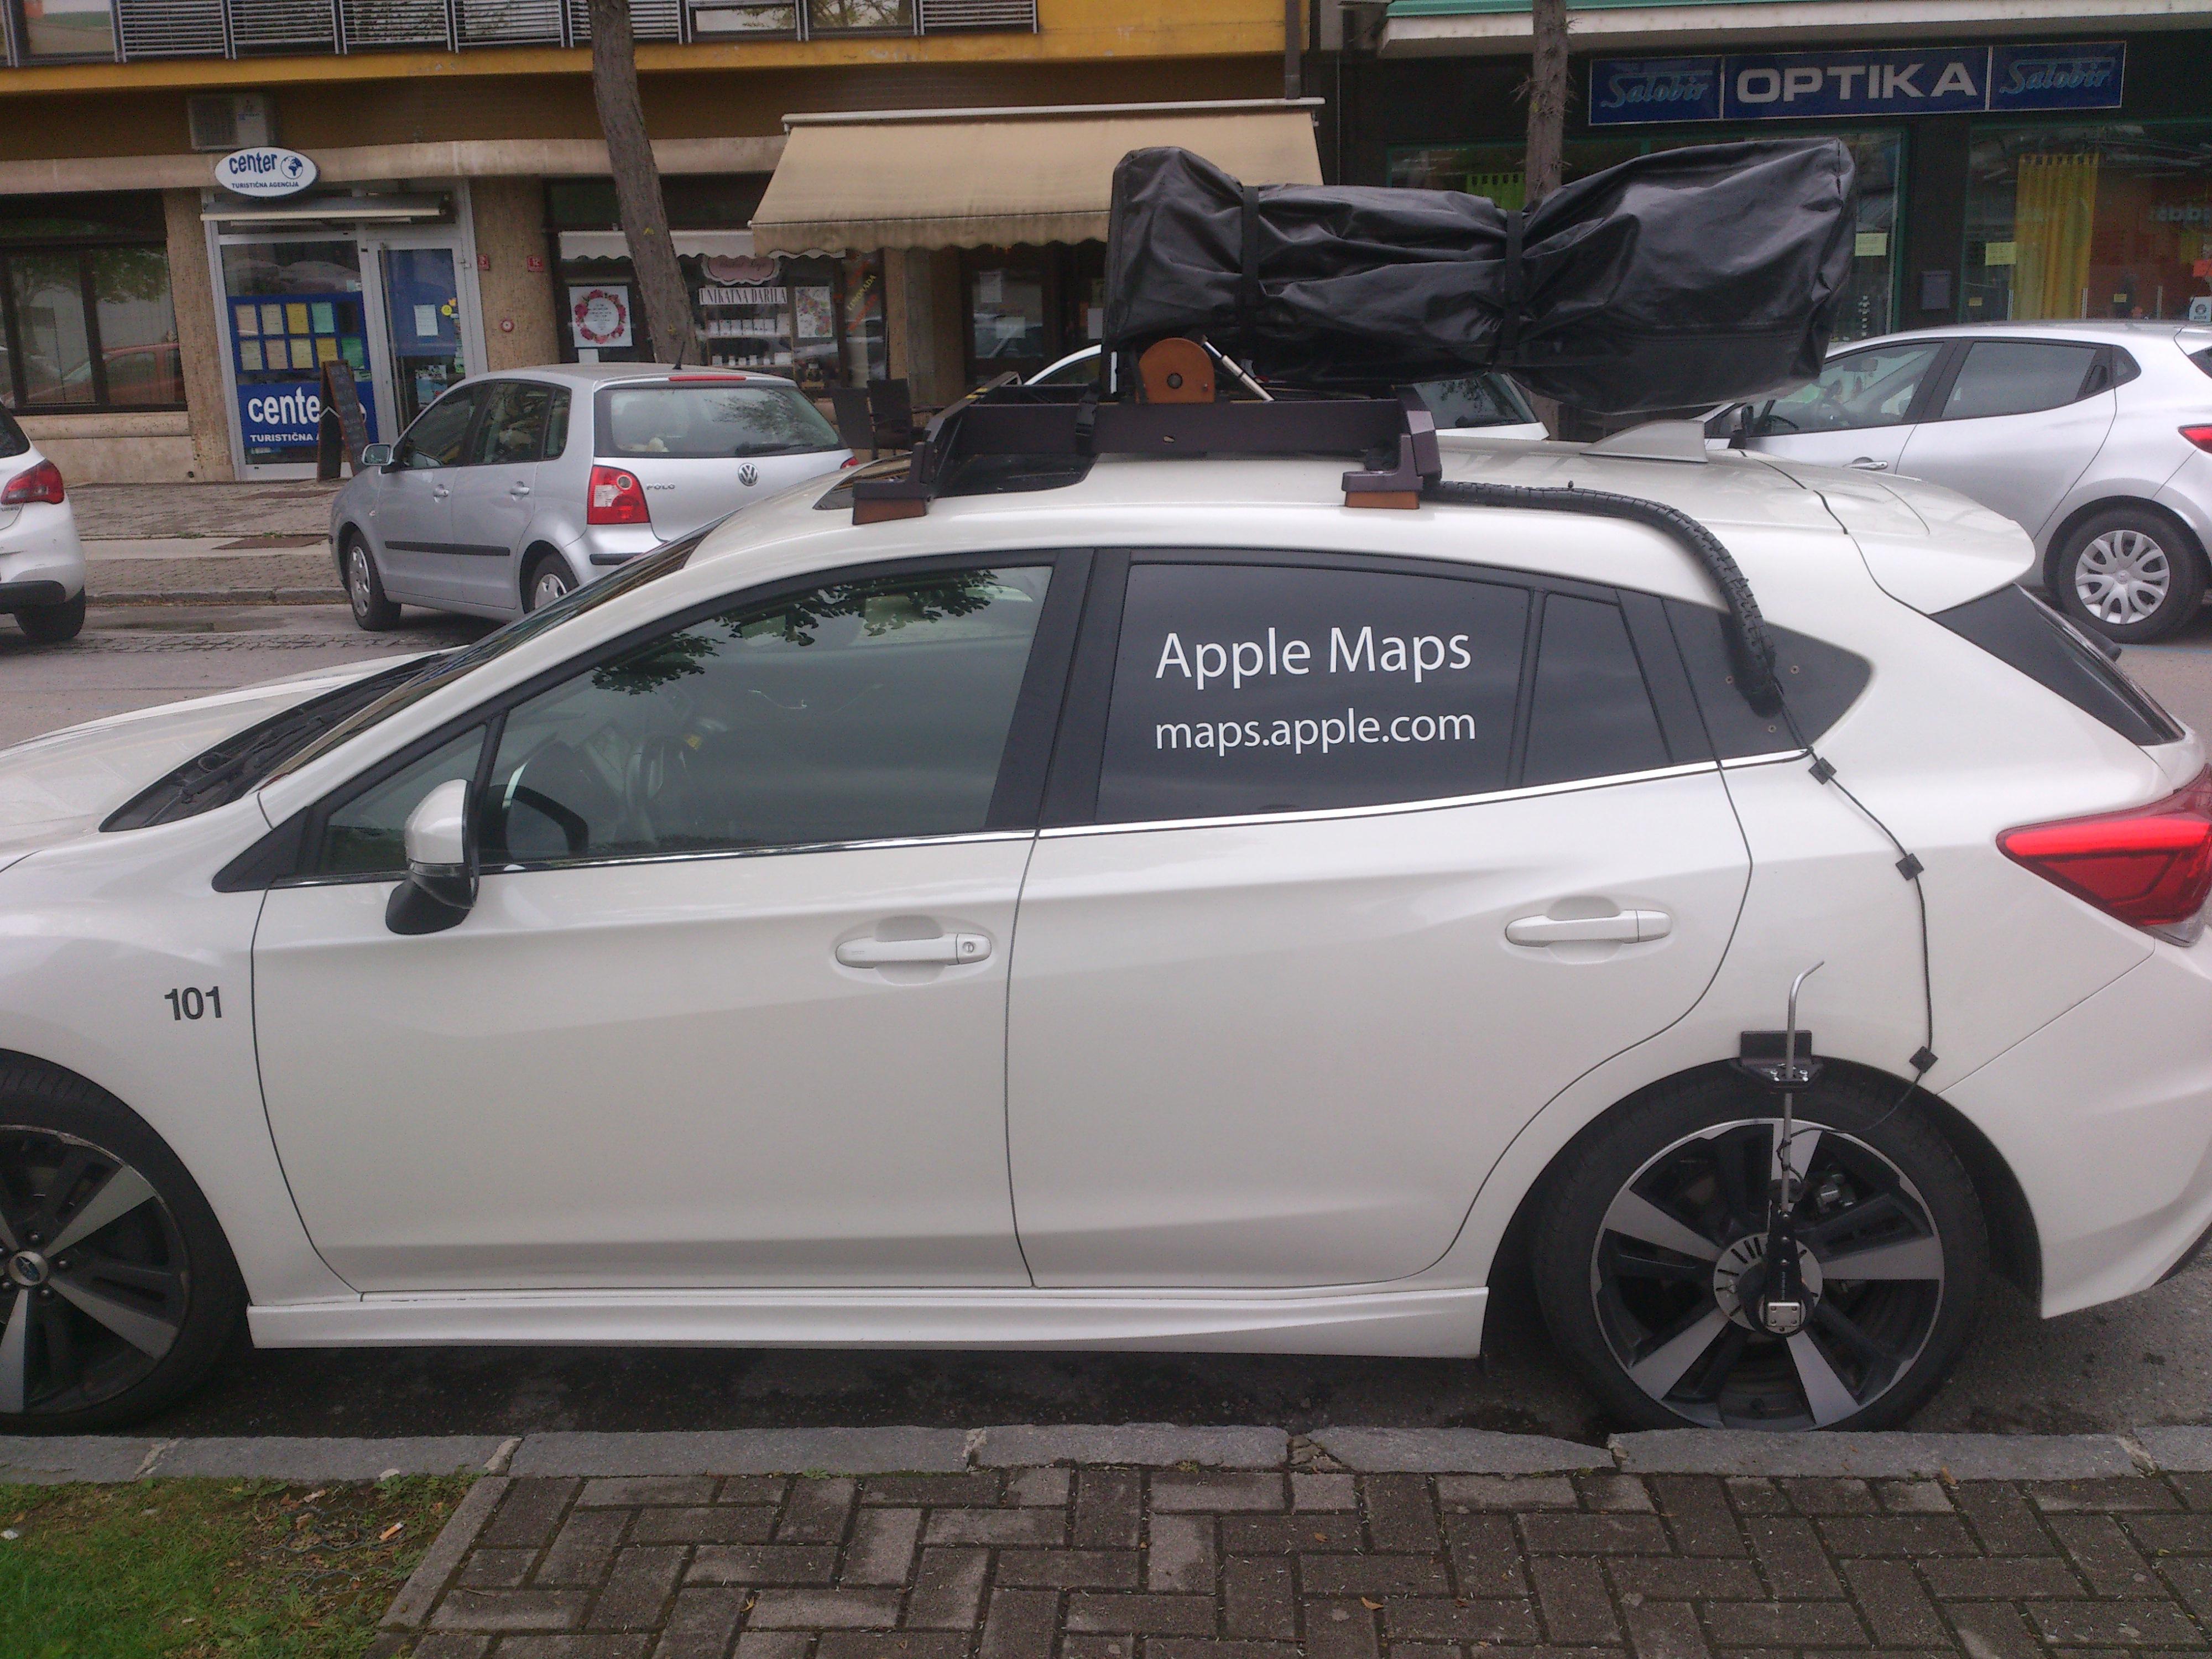 AppleMaps_car.jpg